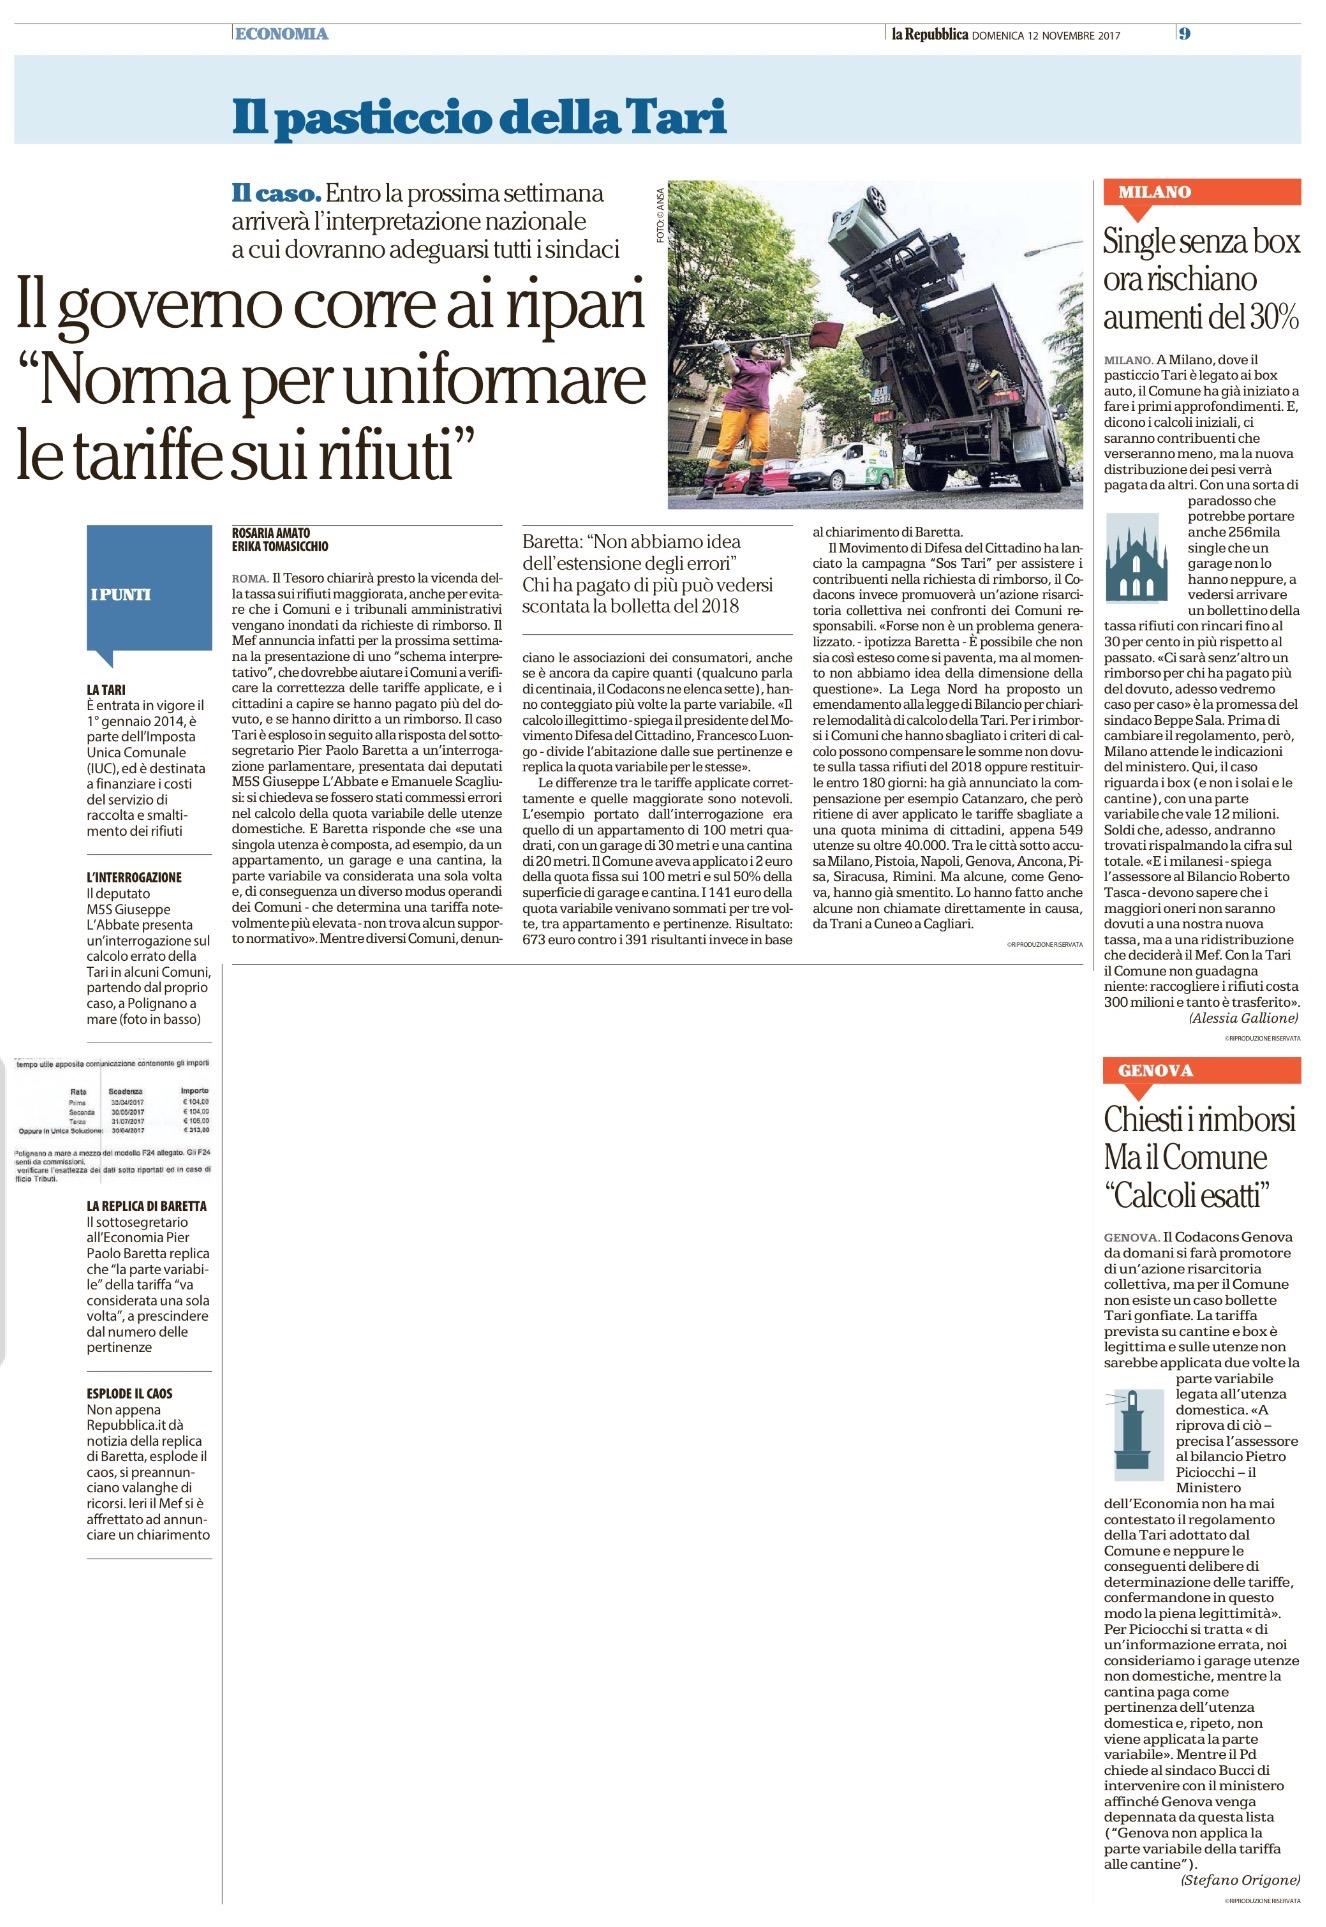 La Repubblica - 12.11.2017